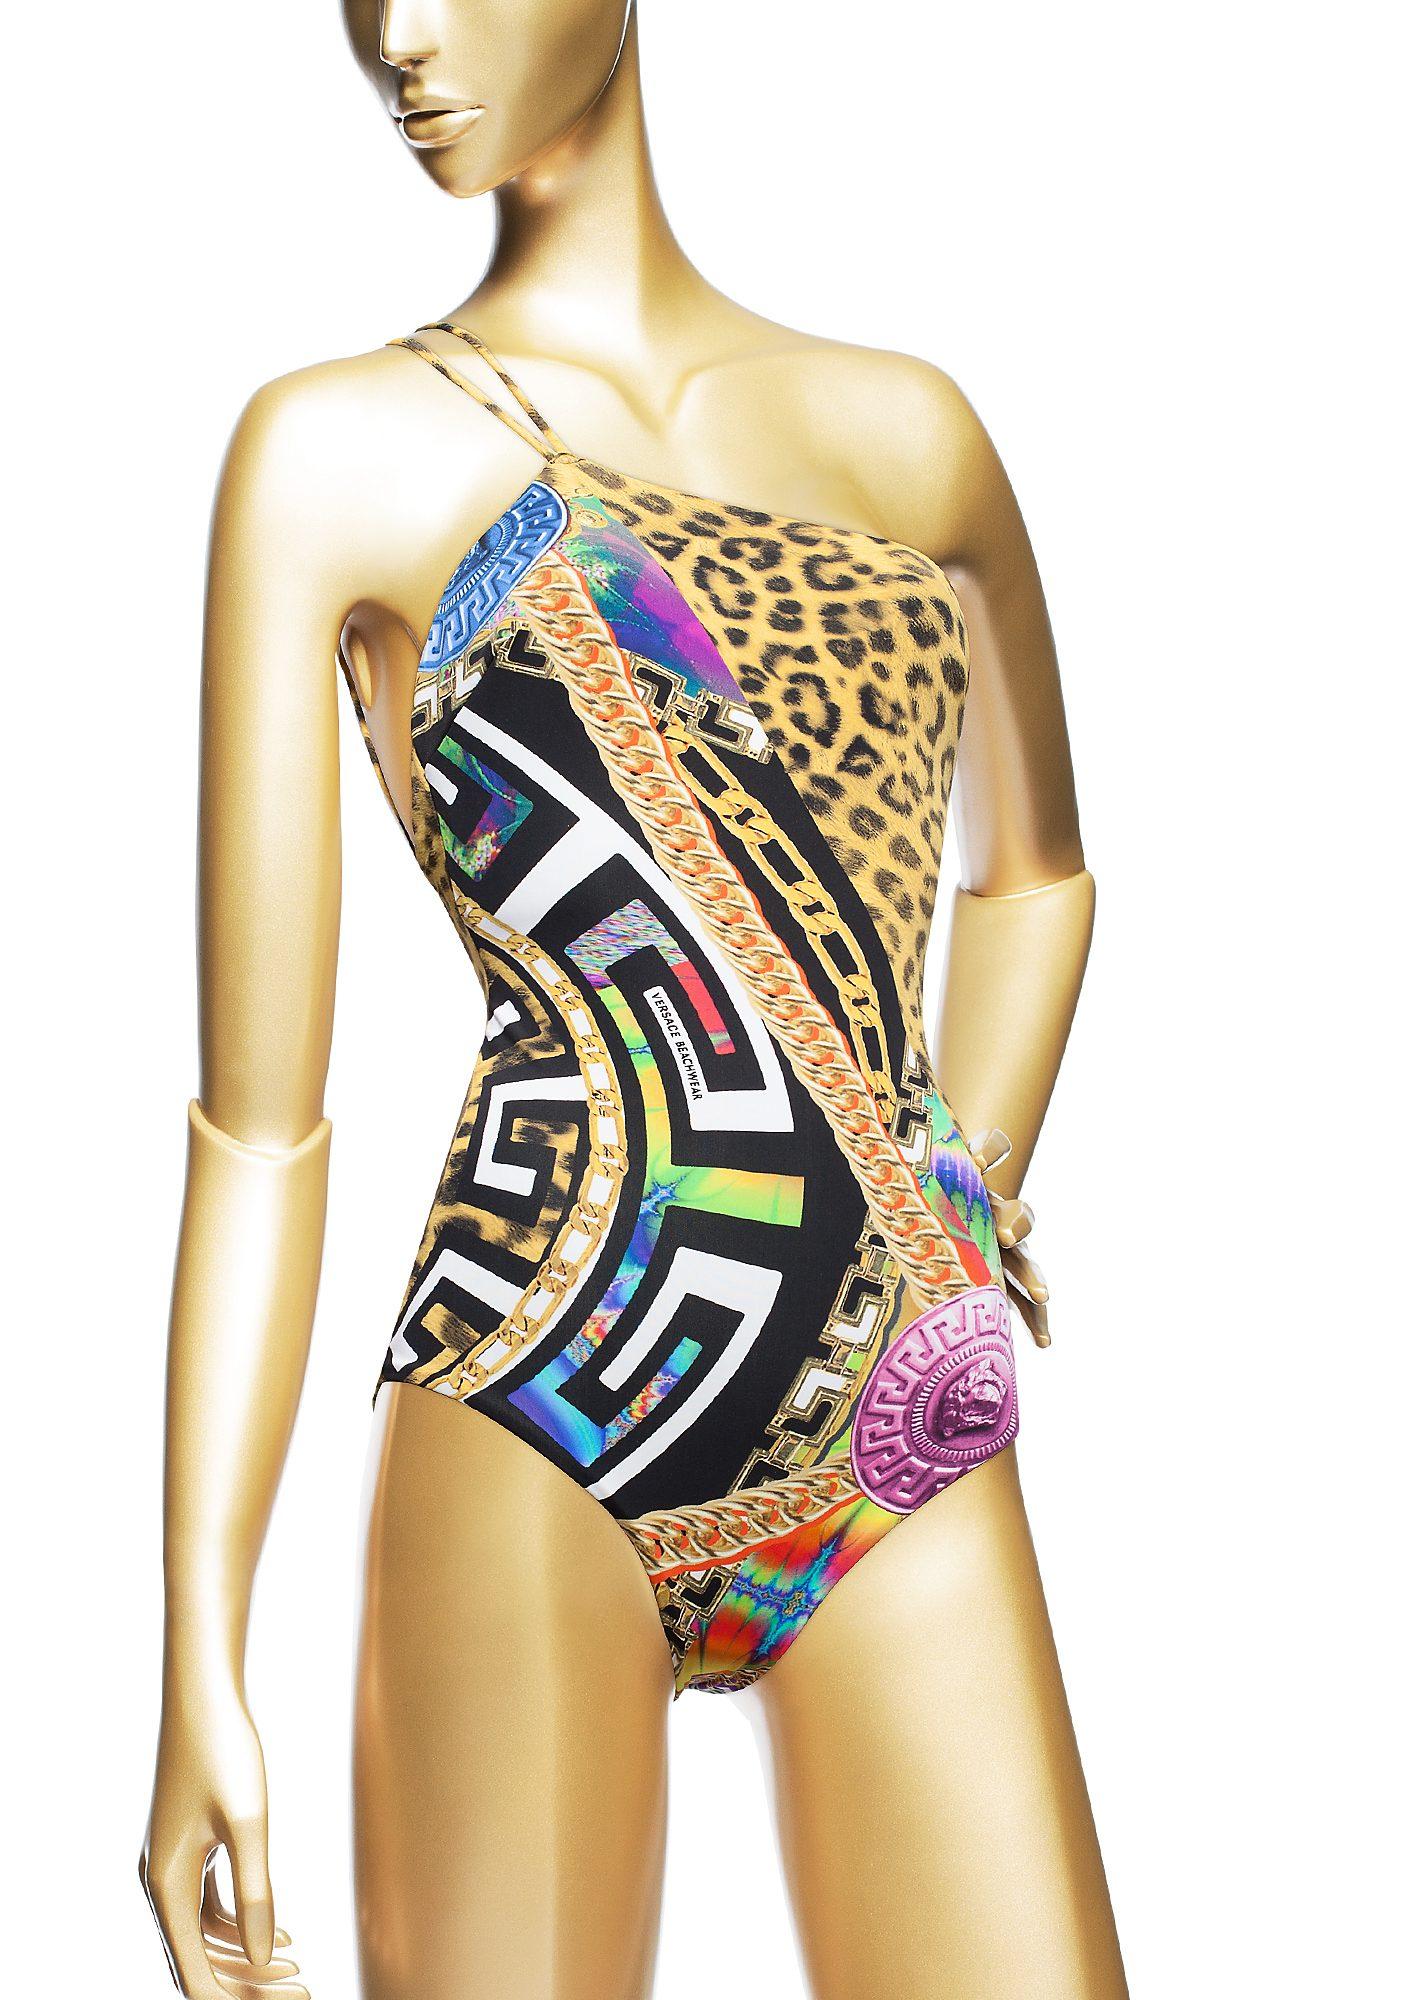 купальник Versace AB411018-AL00063 A7028 парфюмерная вода versace versace объем 50 мл вес 100 00